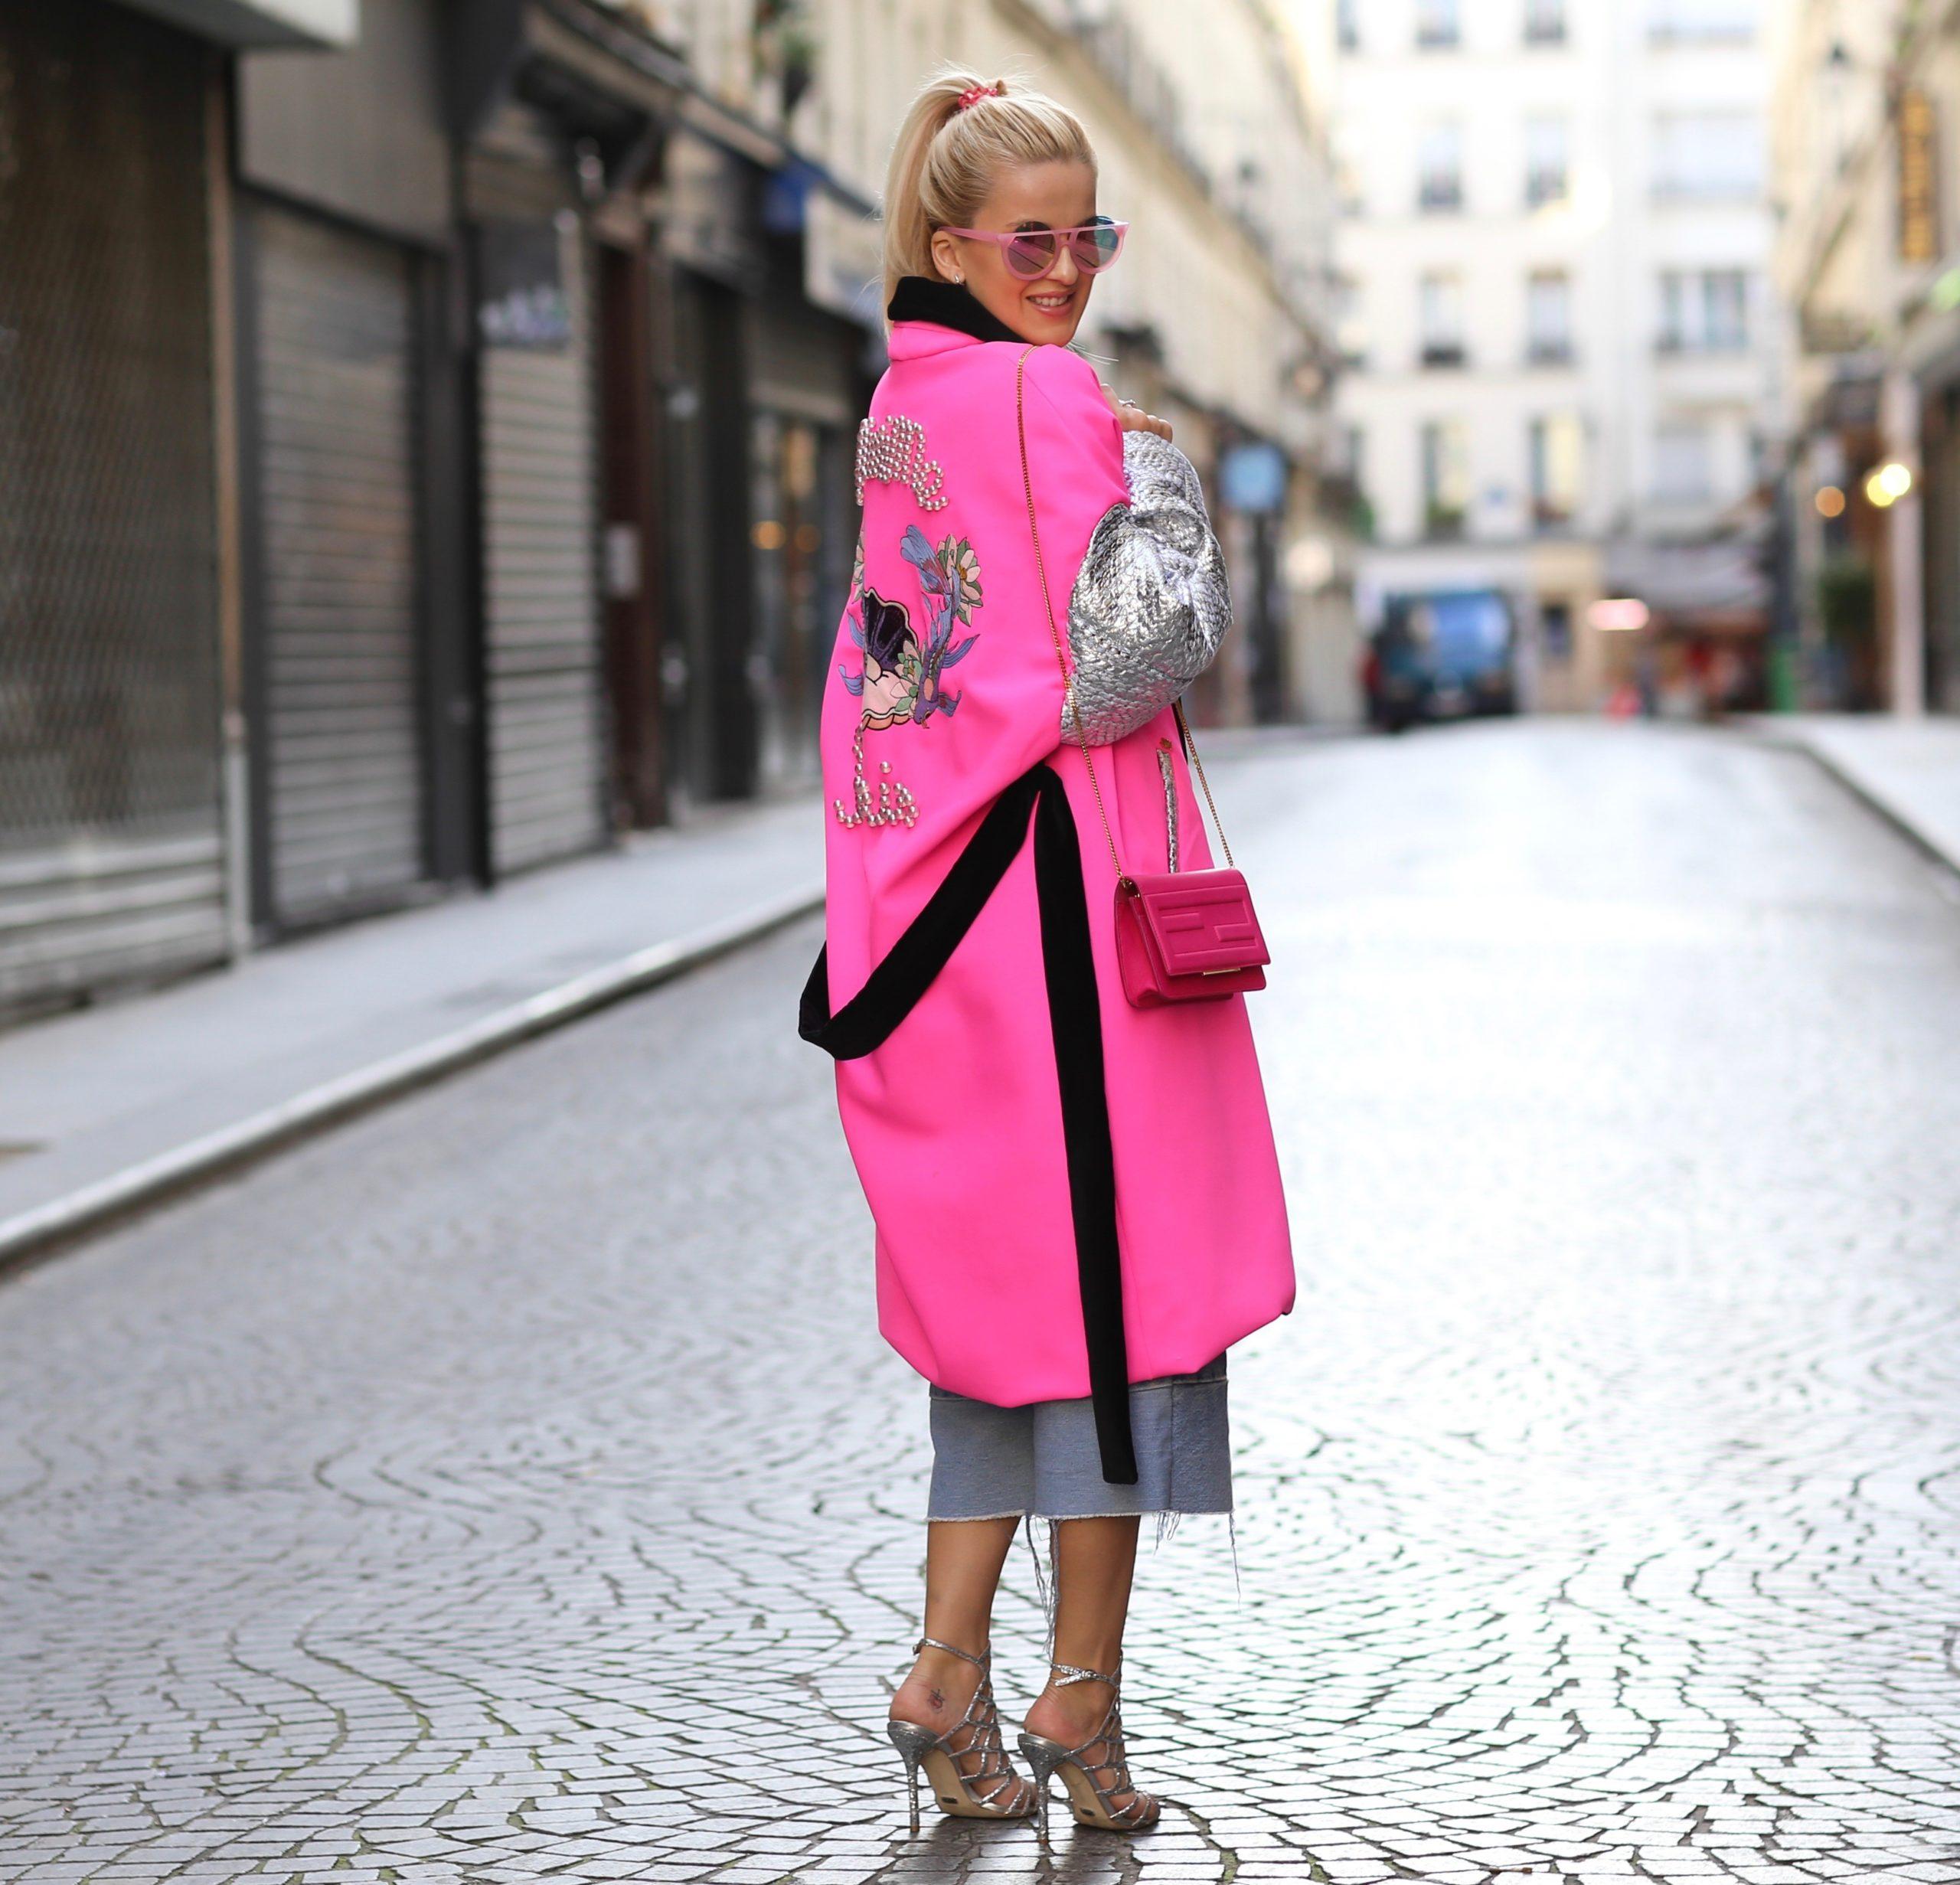 Как выбрать цветную сумку к повседневному образу. Розовые сумки